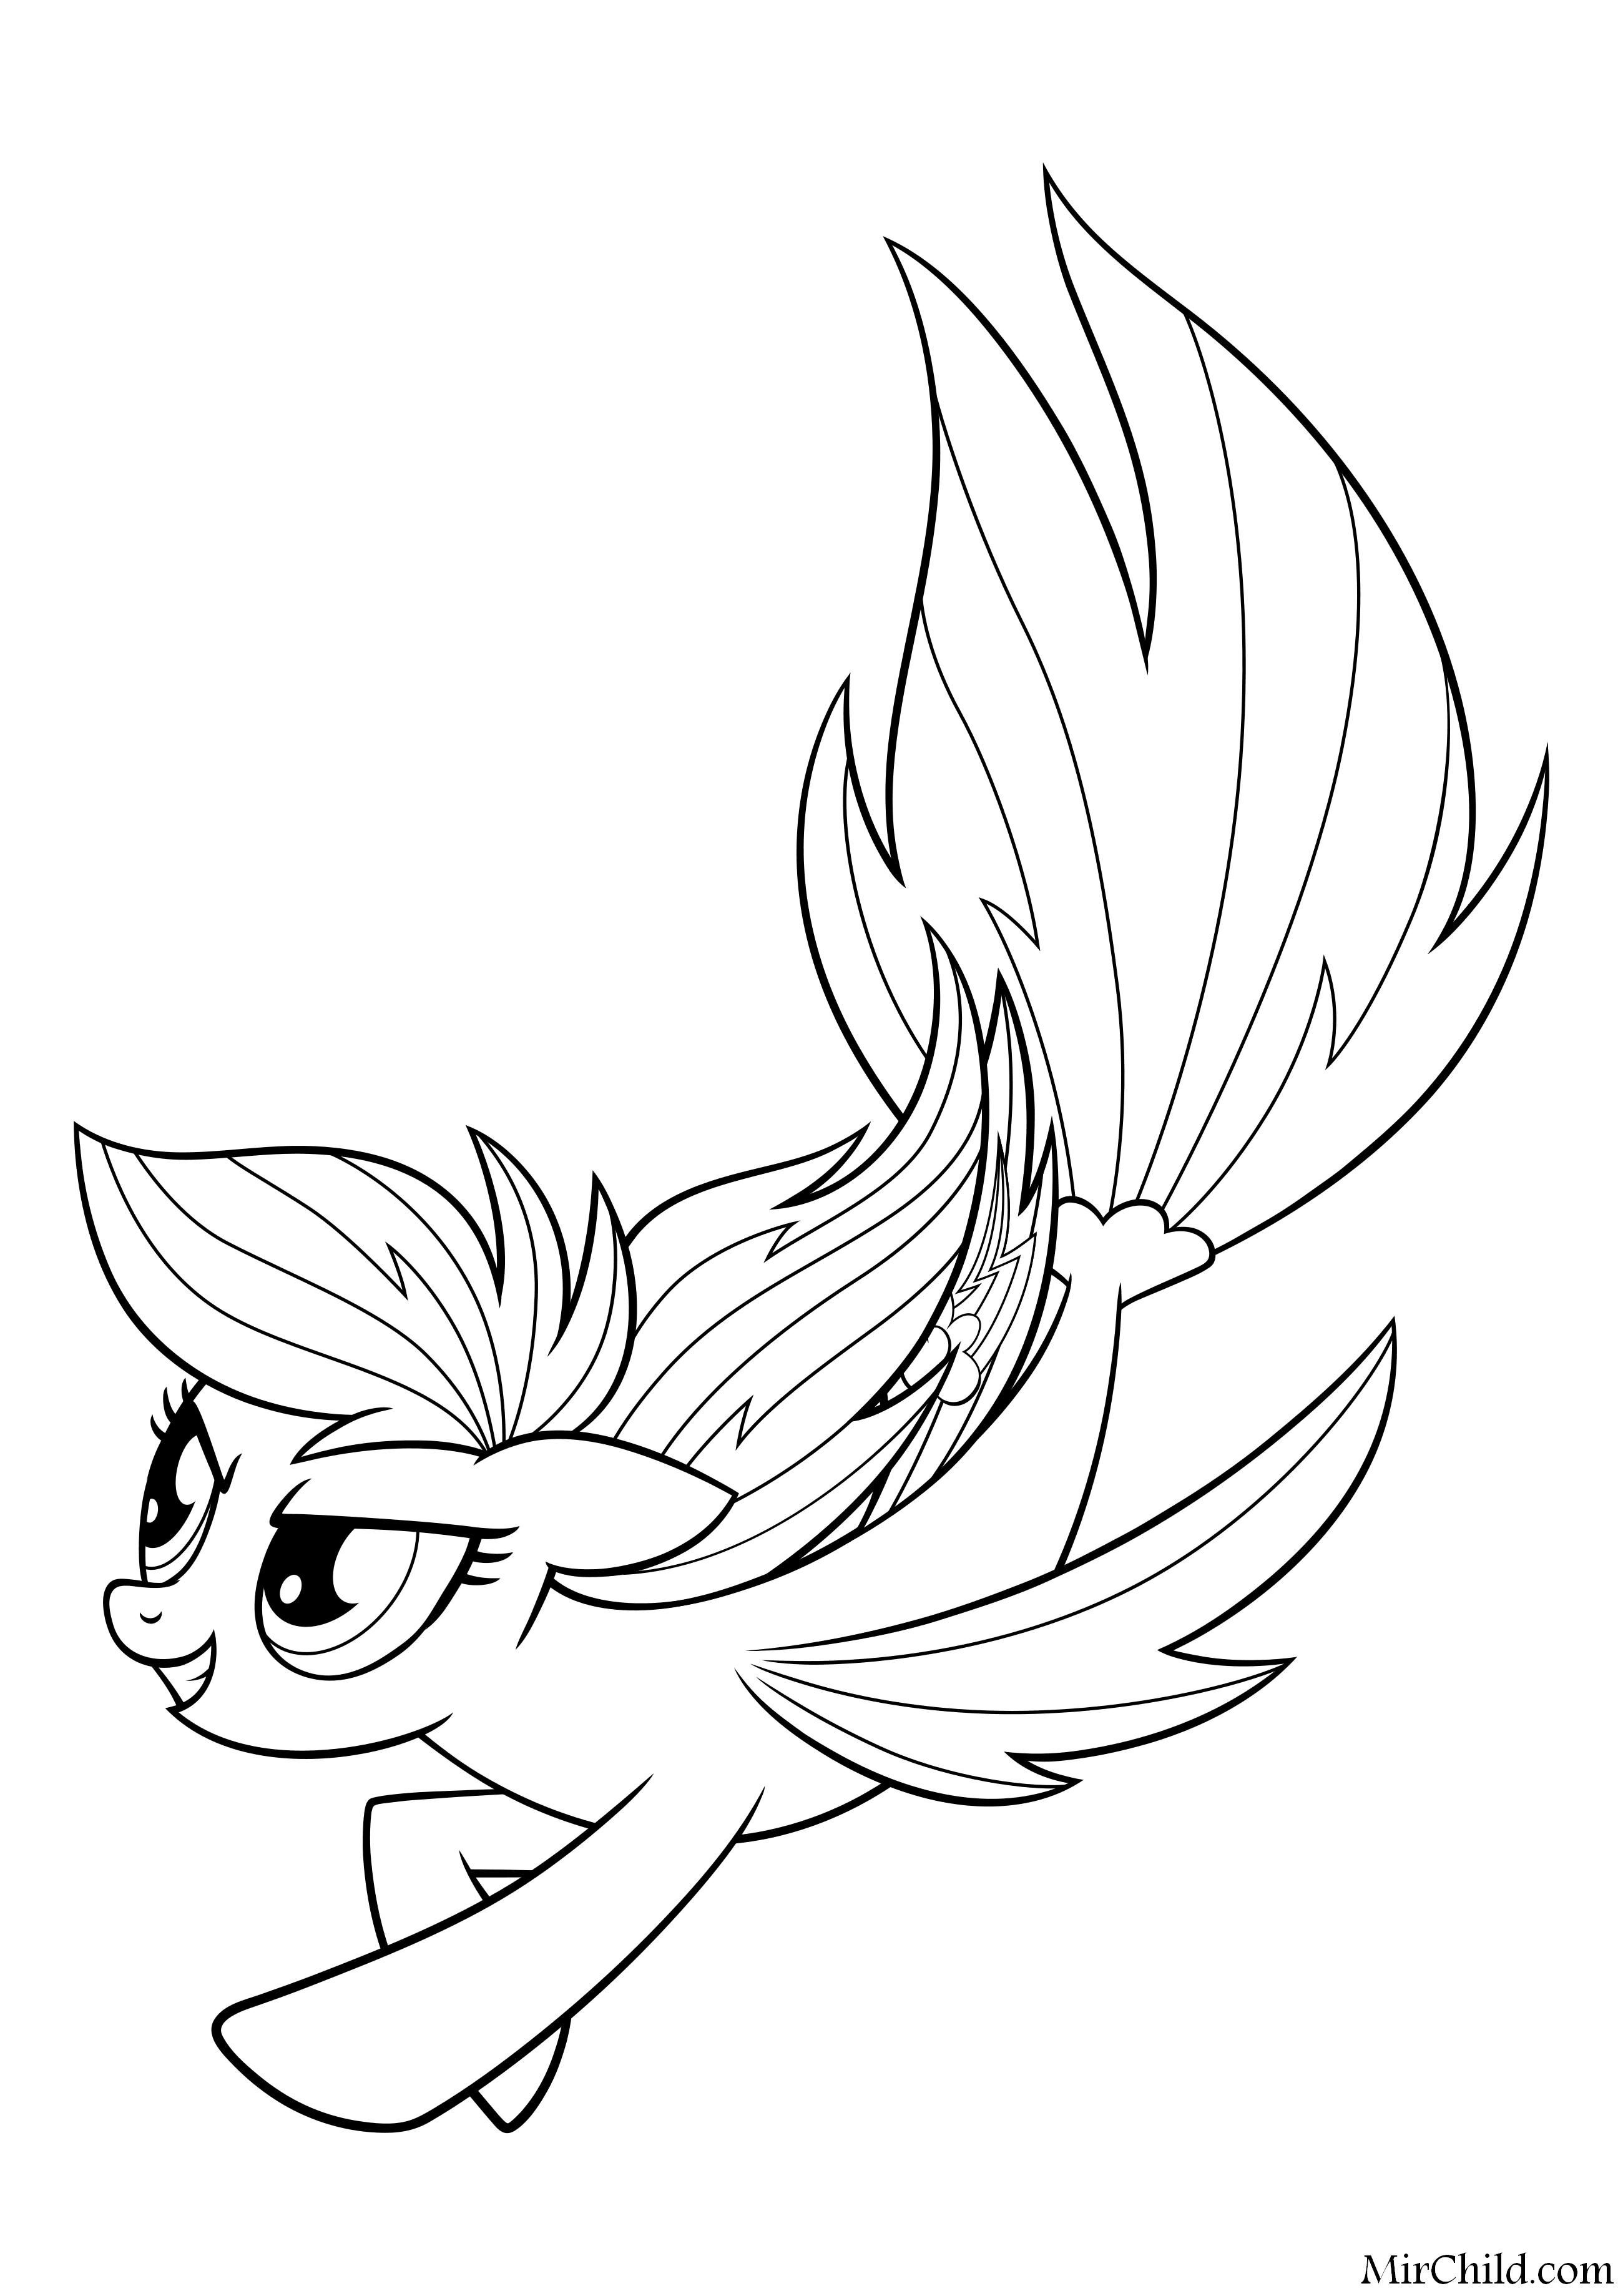 Раскраска - My Little Pony в кино - Радуга Дэш - морская ...